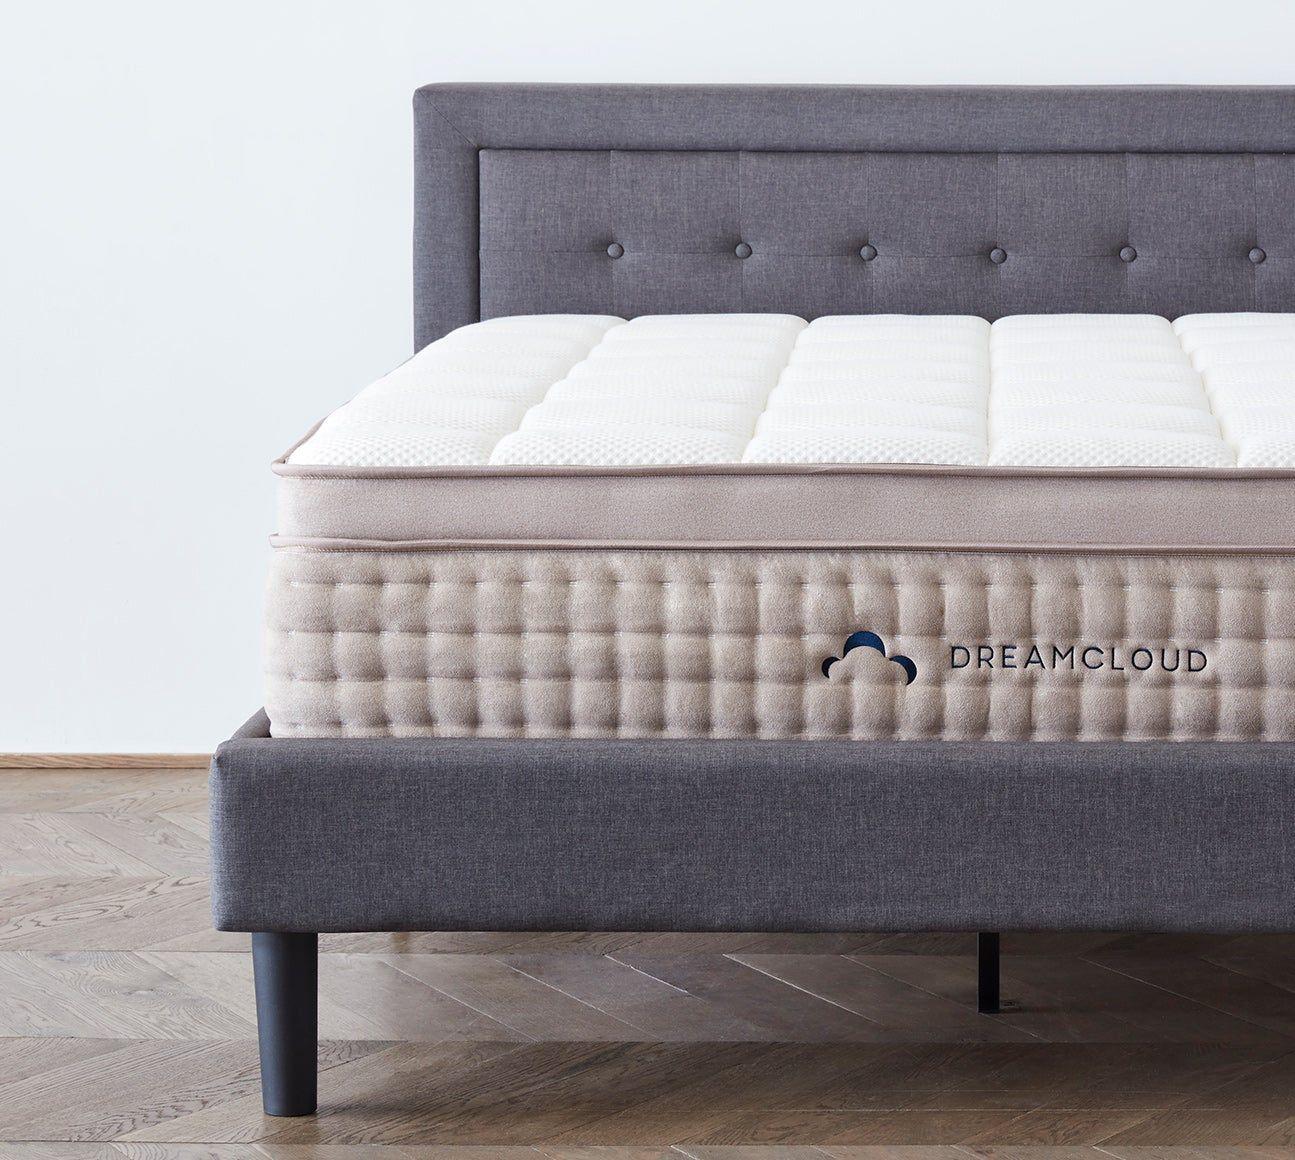 dreamcloud mattress reviews Mattresses reviews, Mattress